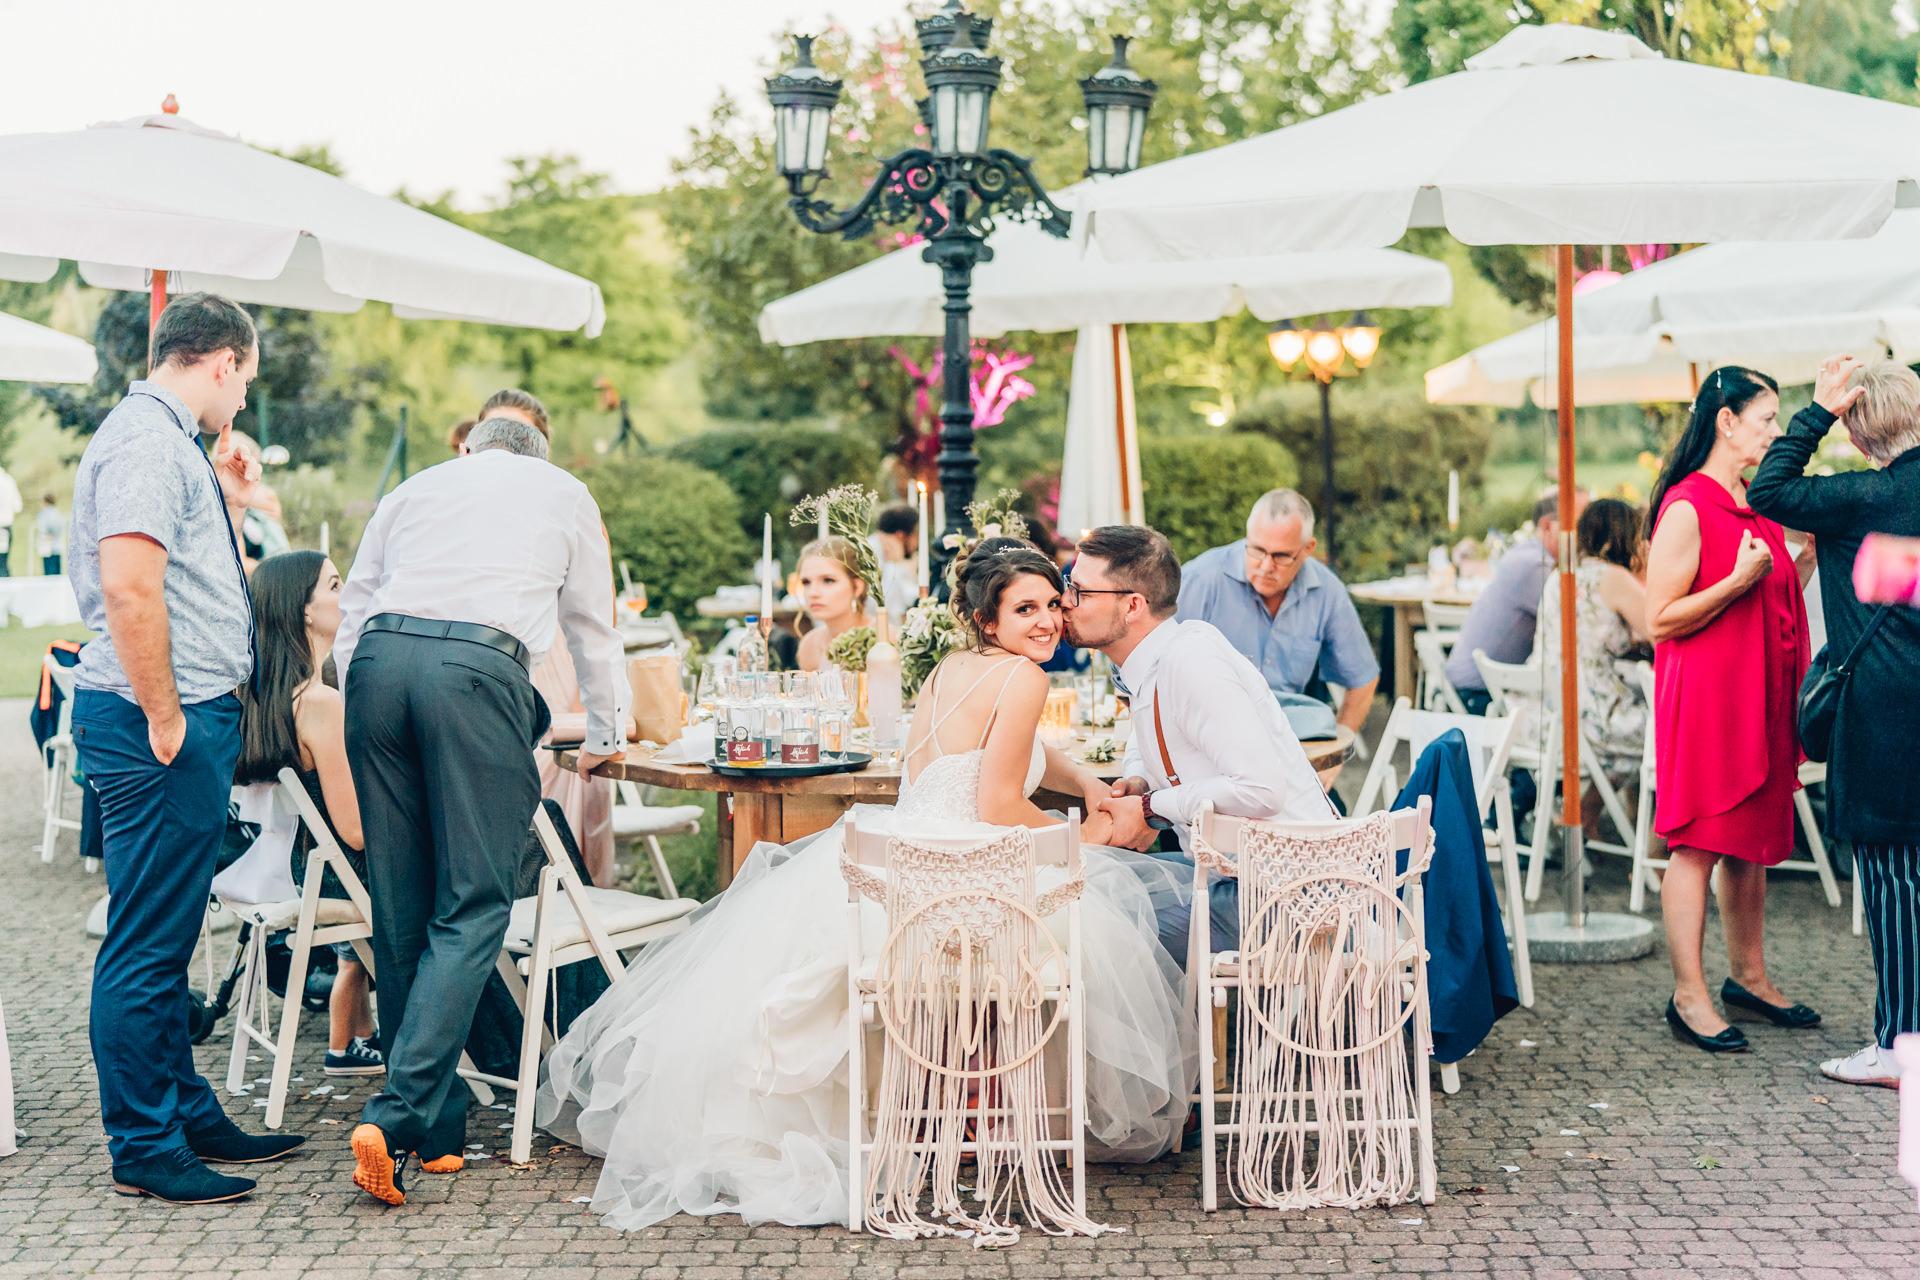 Hochzeitspaar küsst sich bei ihrer Hochzeitsfeier auf dem Weingut Höflich in Grossostheim